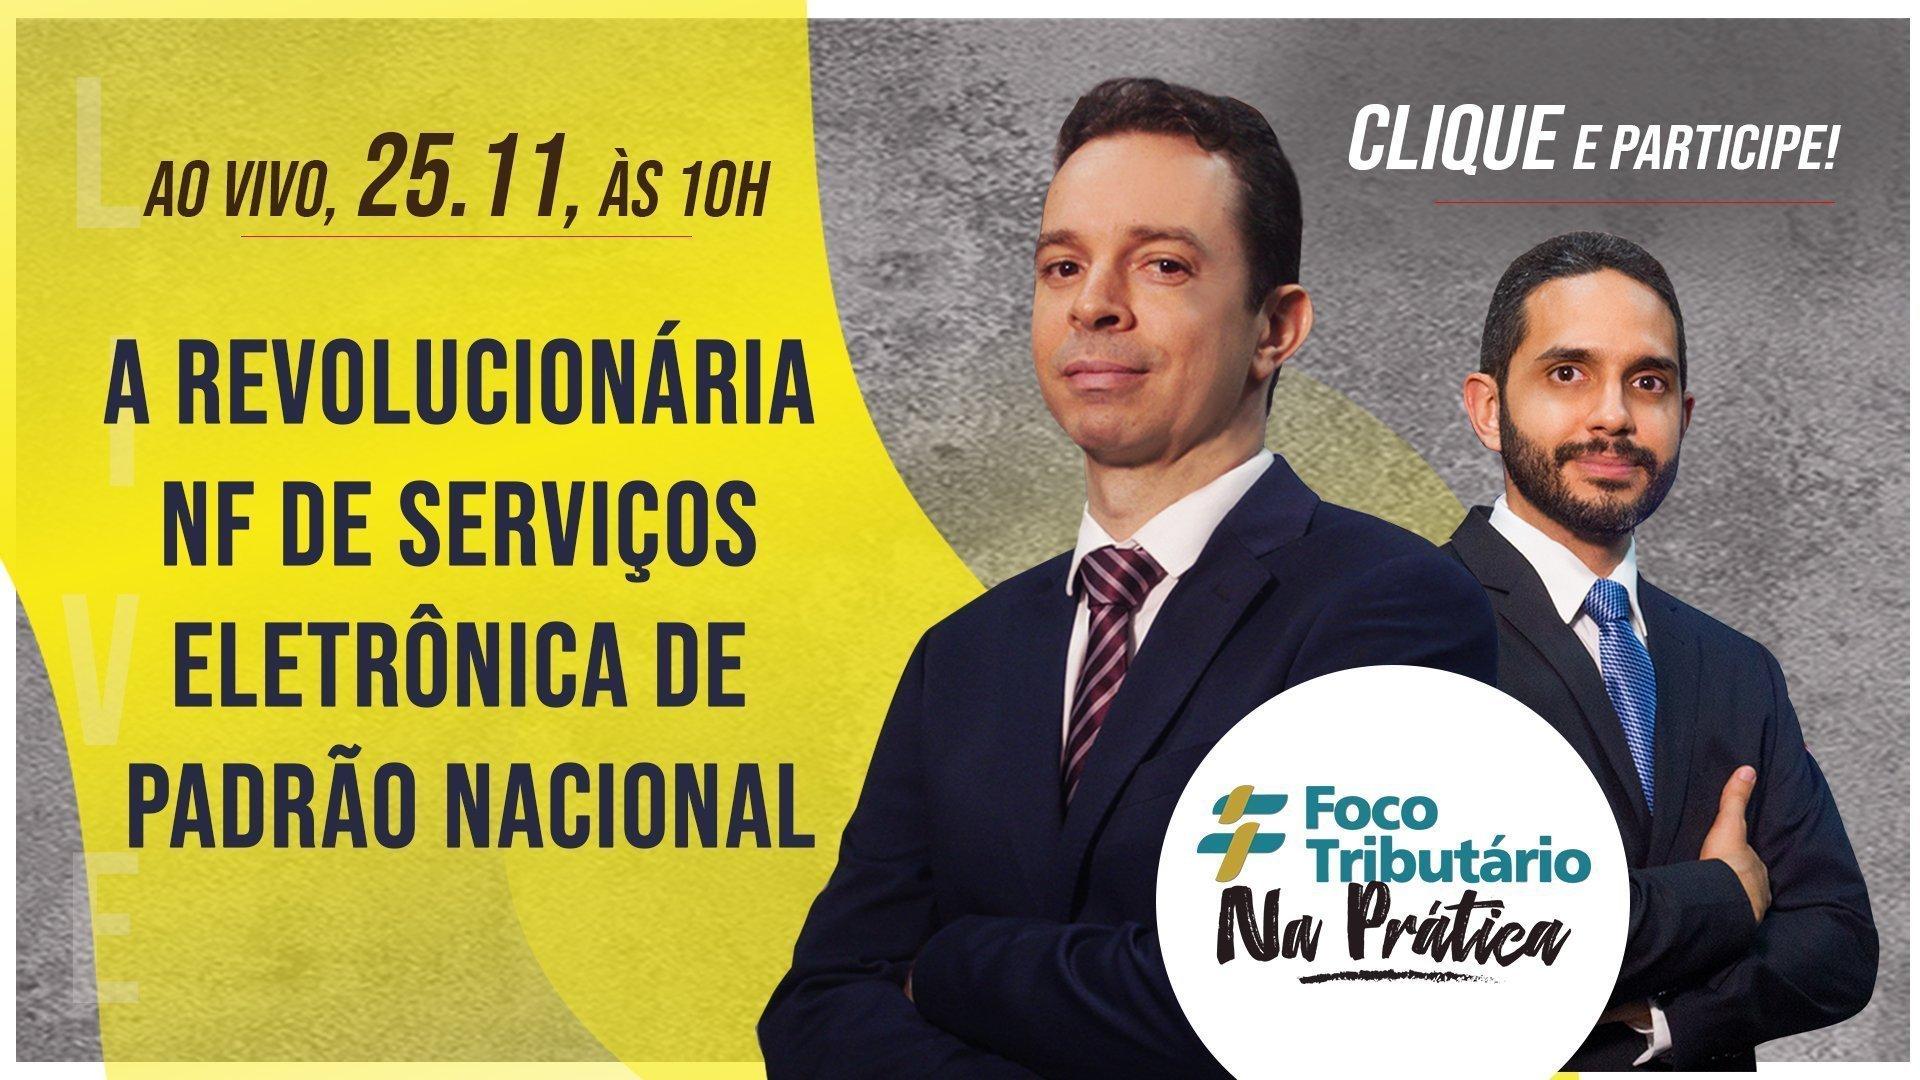 live-25-a-revolucionaria-nf-de-servicos-eletronica-de-padrao-nacional-foco-tributario-na-pratica